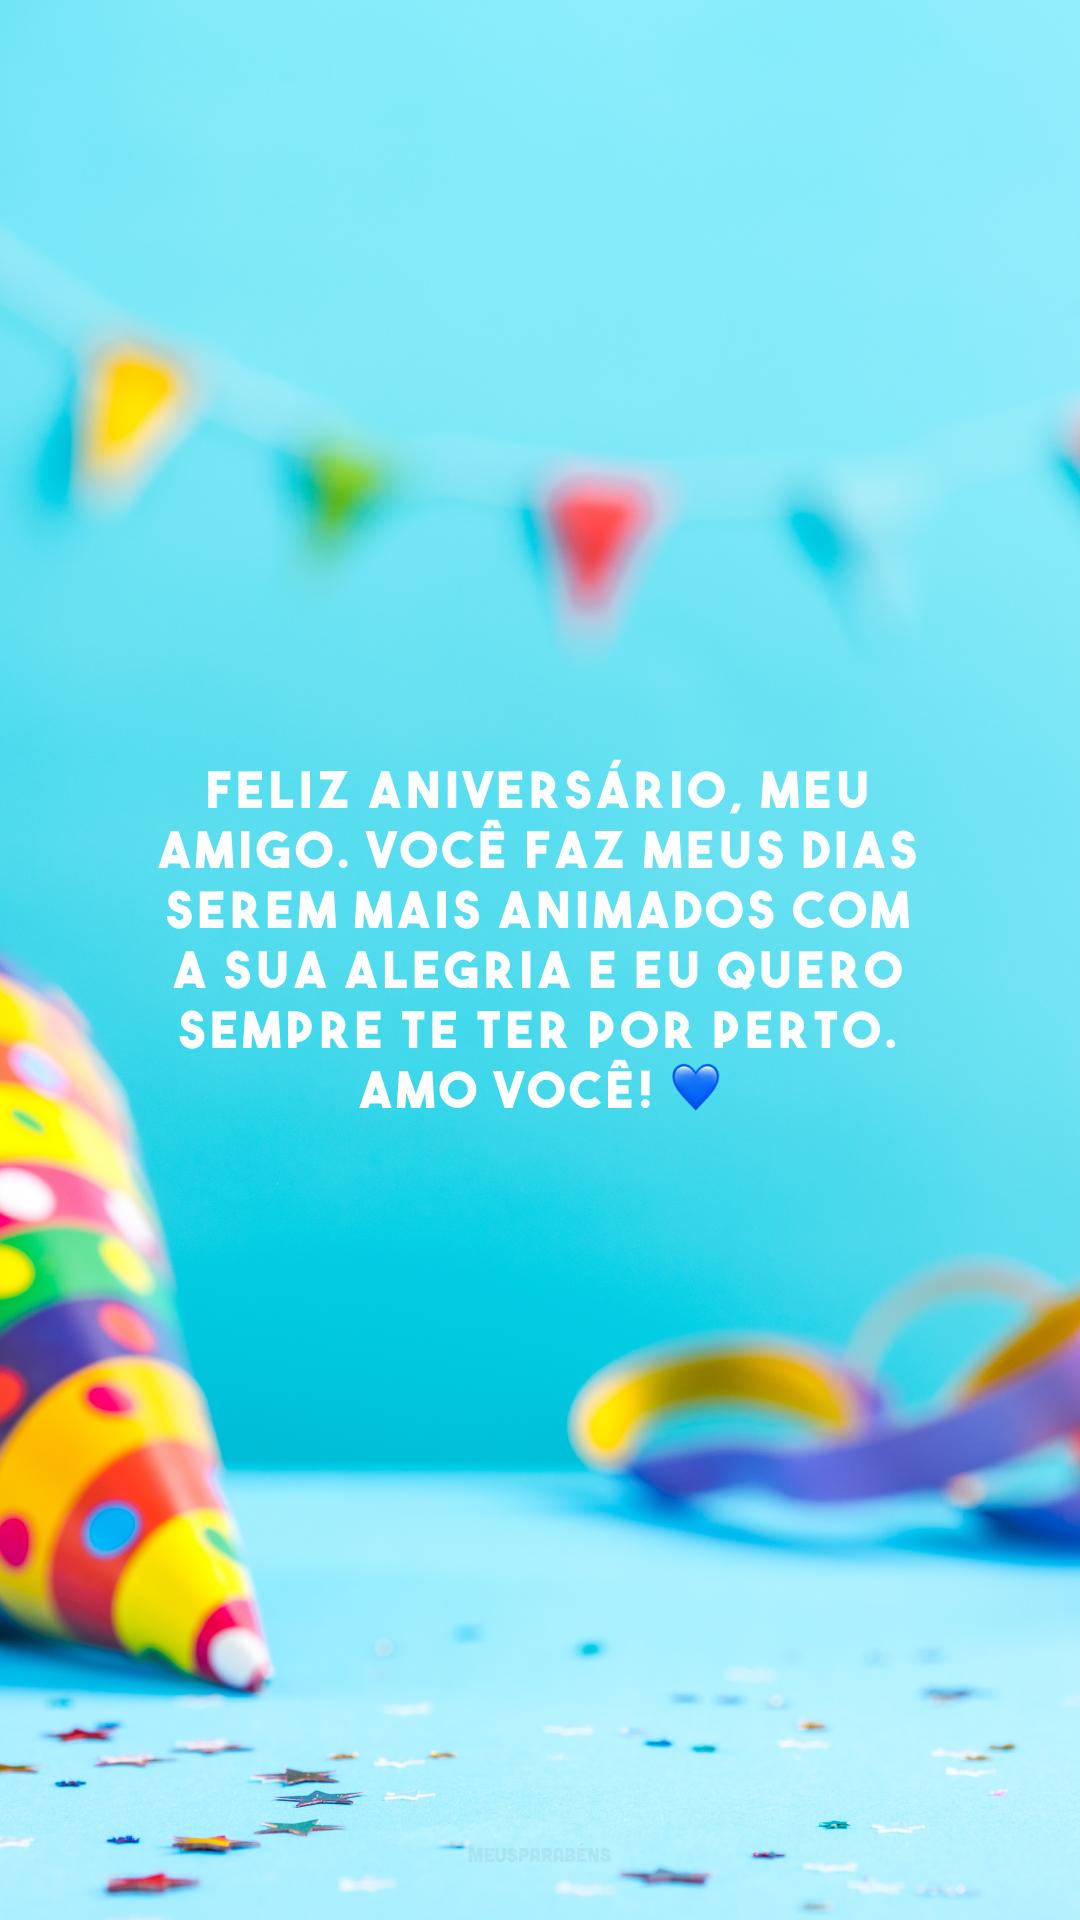 Feliz aniversário, meu amigo. Você faz meus dias serem mais animados com a sua alegria e eu quero sempre te ter por perto. Amo você! 💙